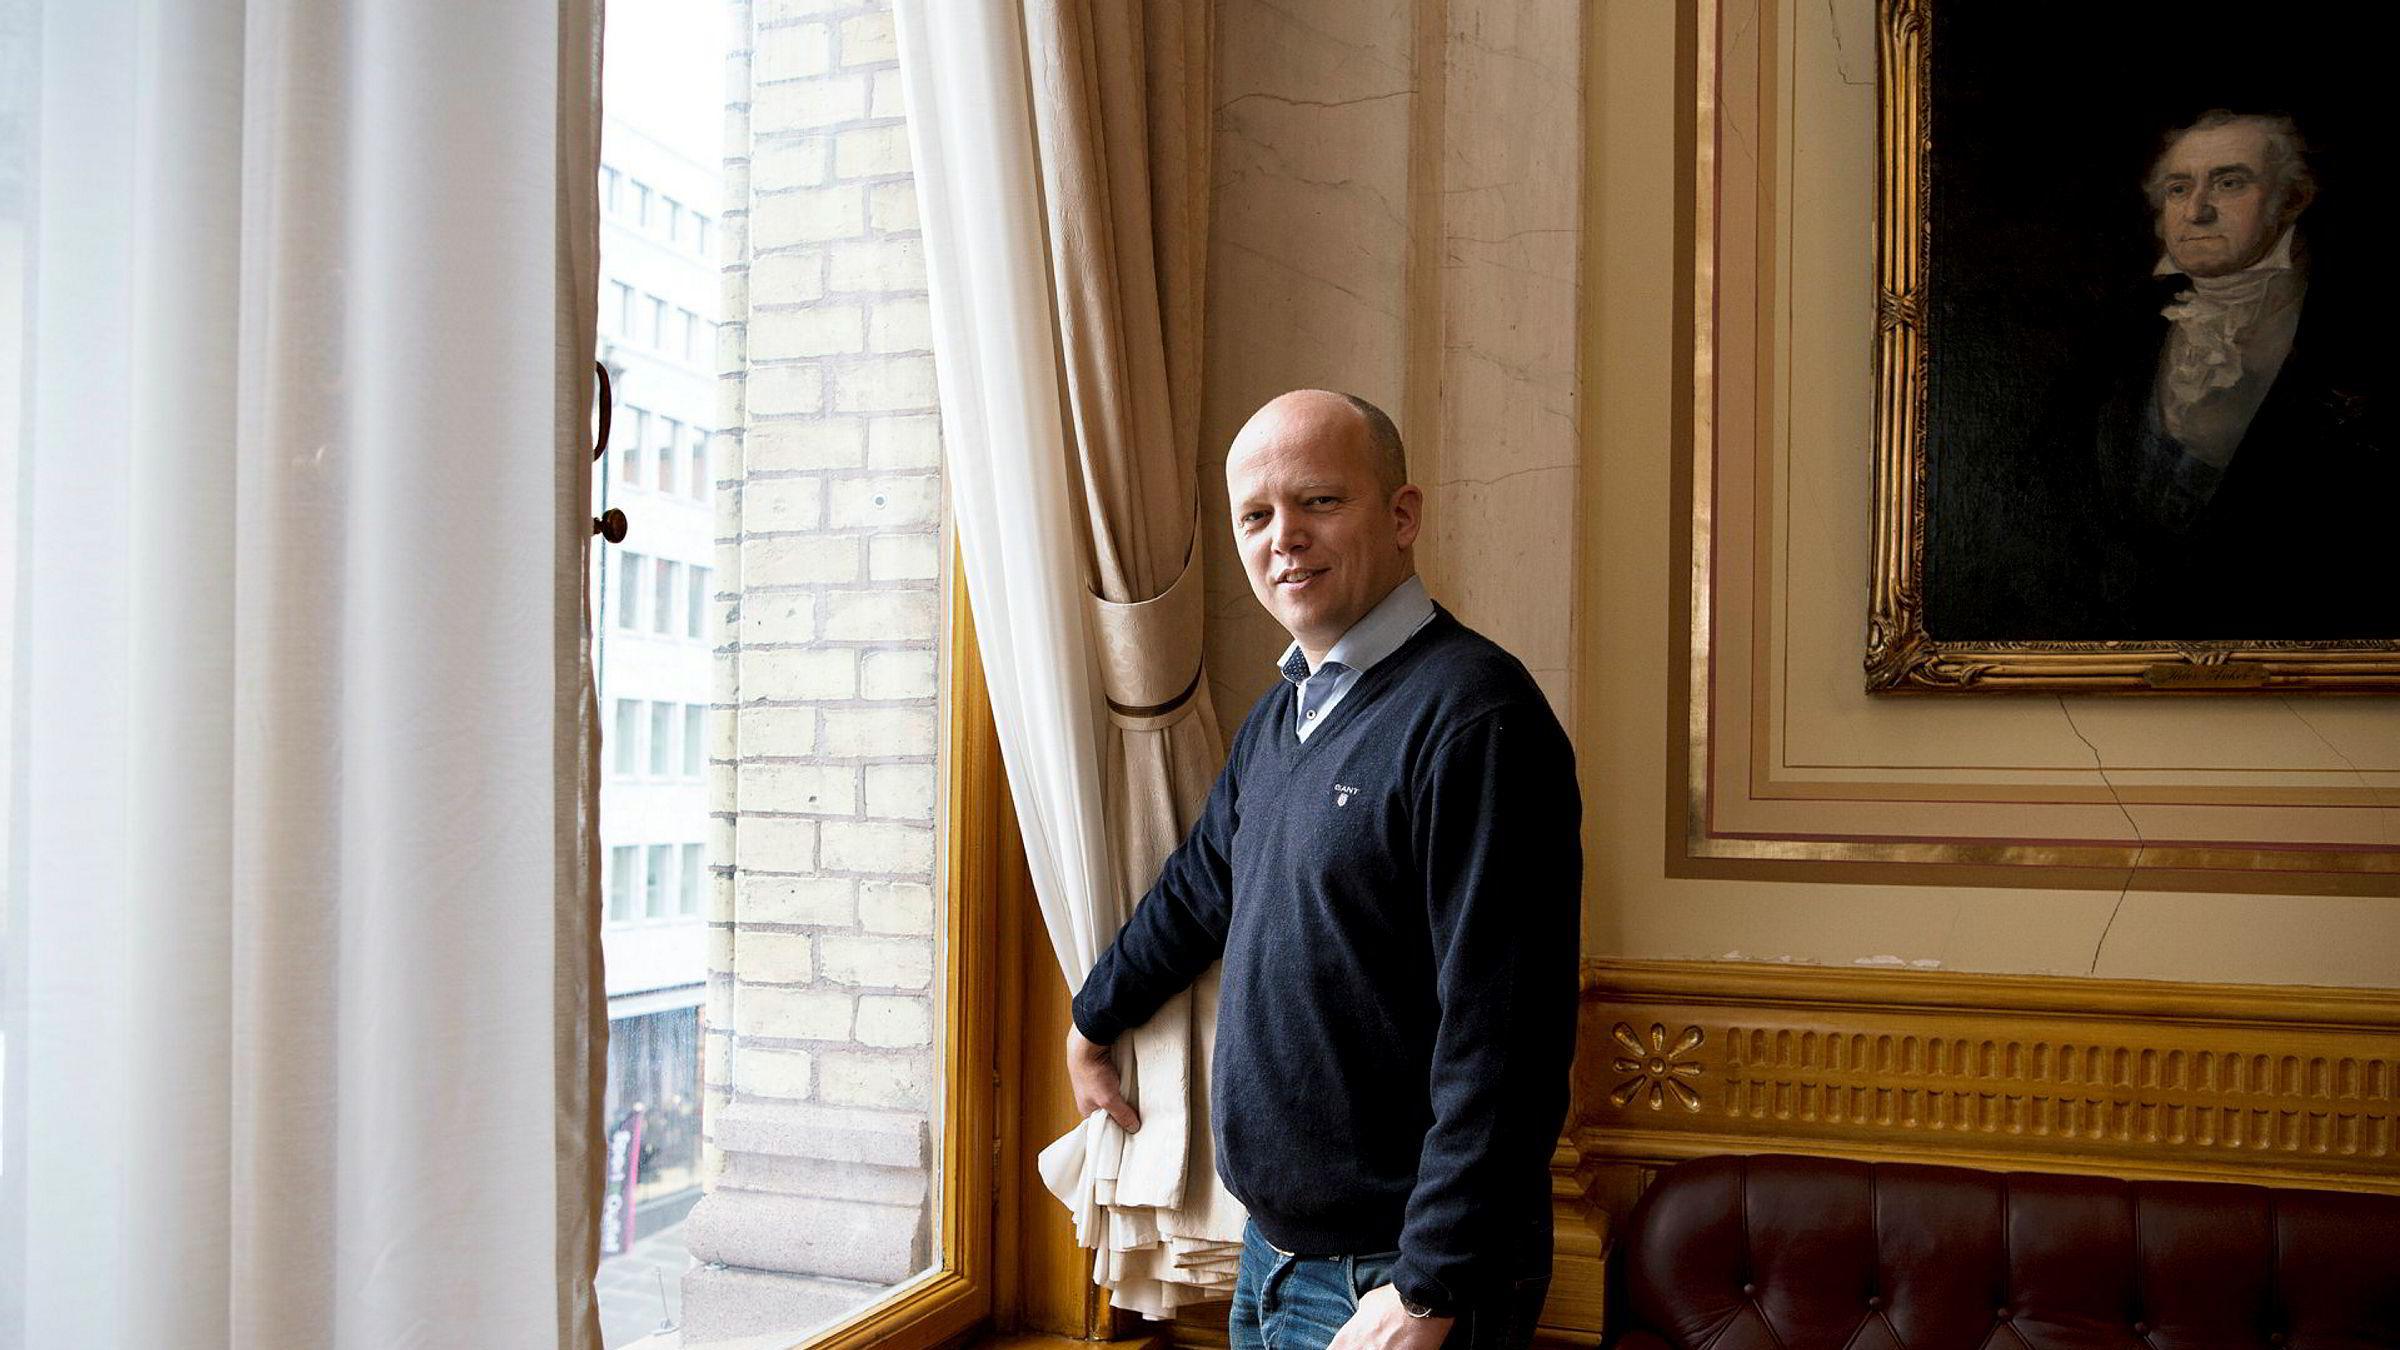 Sp-leder Trygve Slagsvold Vedum oppfordrer til å kjøpe norsk i butikken for å hjelpe næringslivet ut av krisen. Så får vi for sjømatnæringens skyld håpe politikere i andre land ikke følger etter.